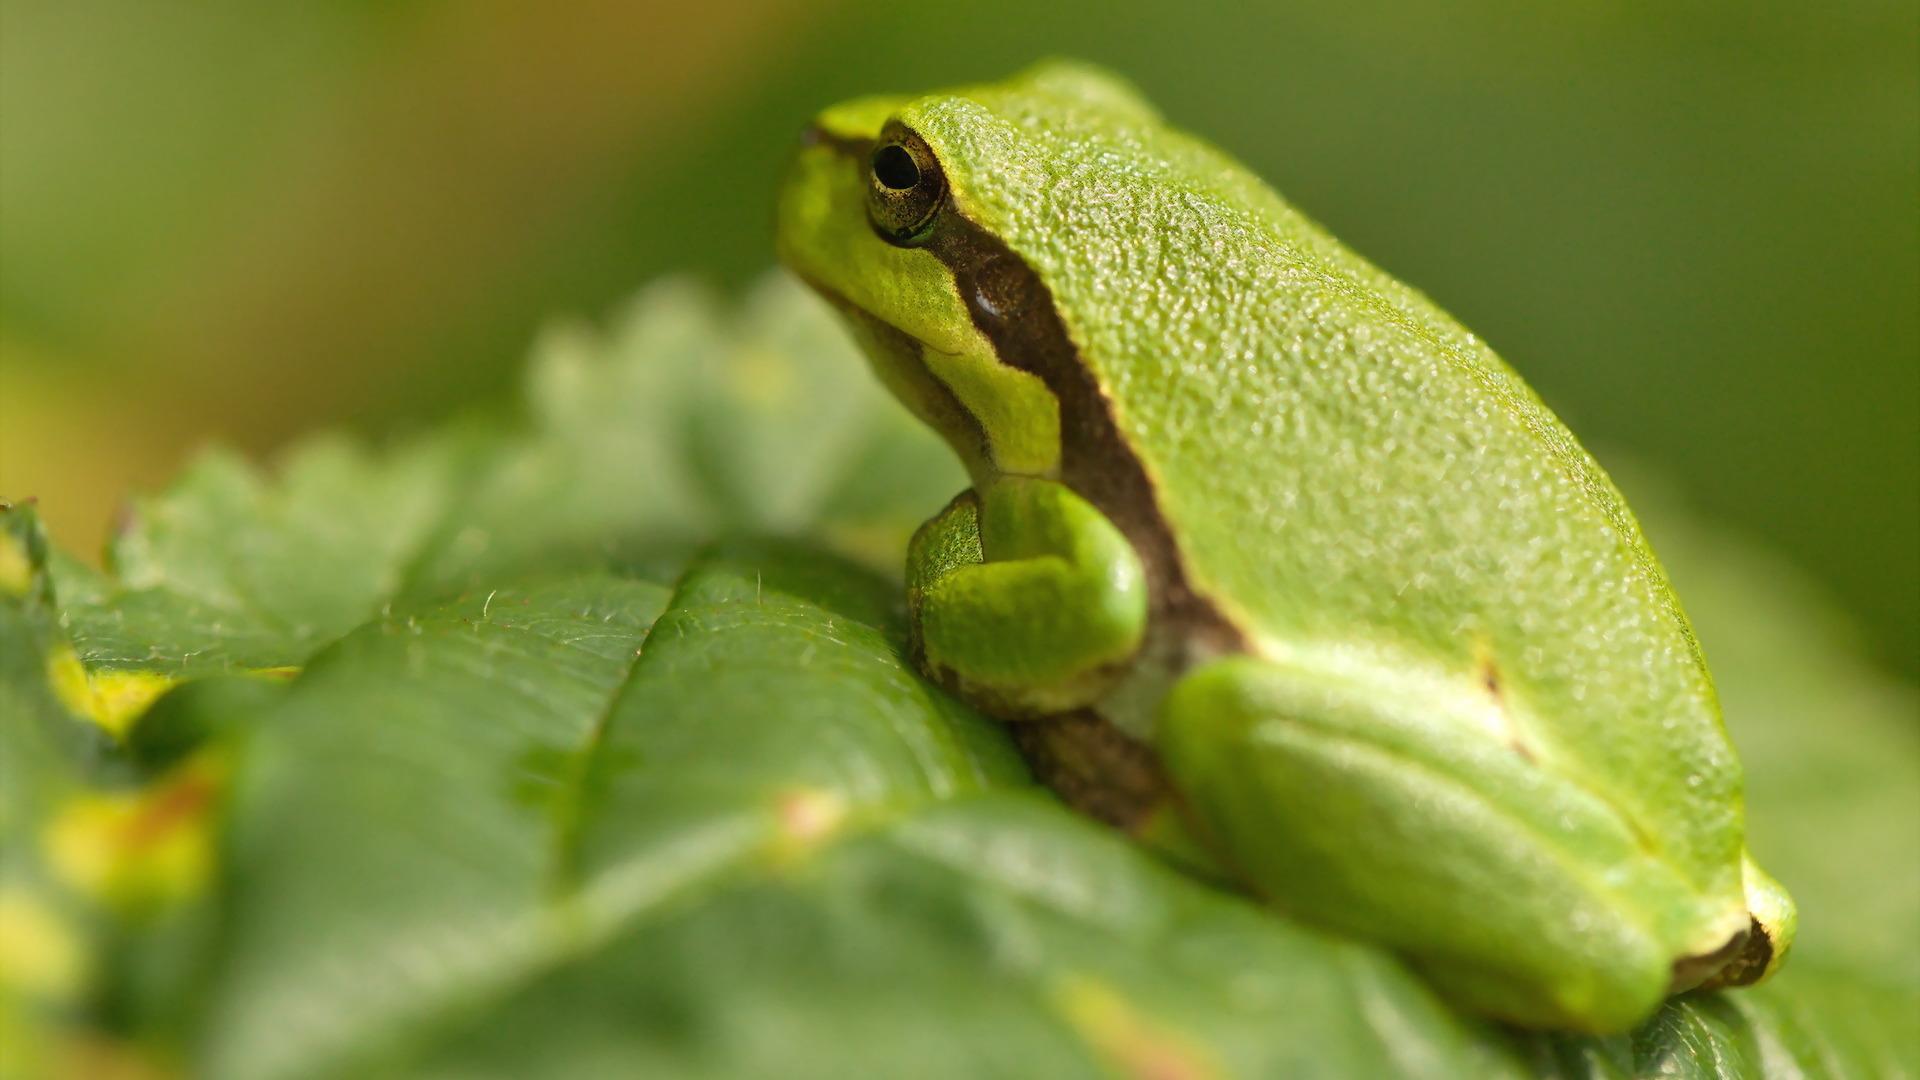 растение лягушка животное природа лист  № 1423180 загрузить